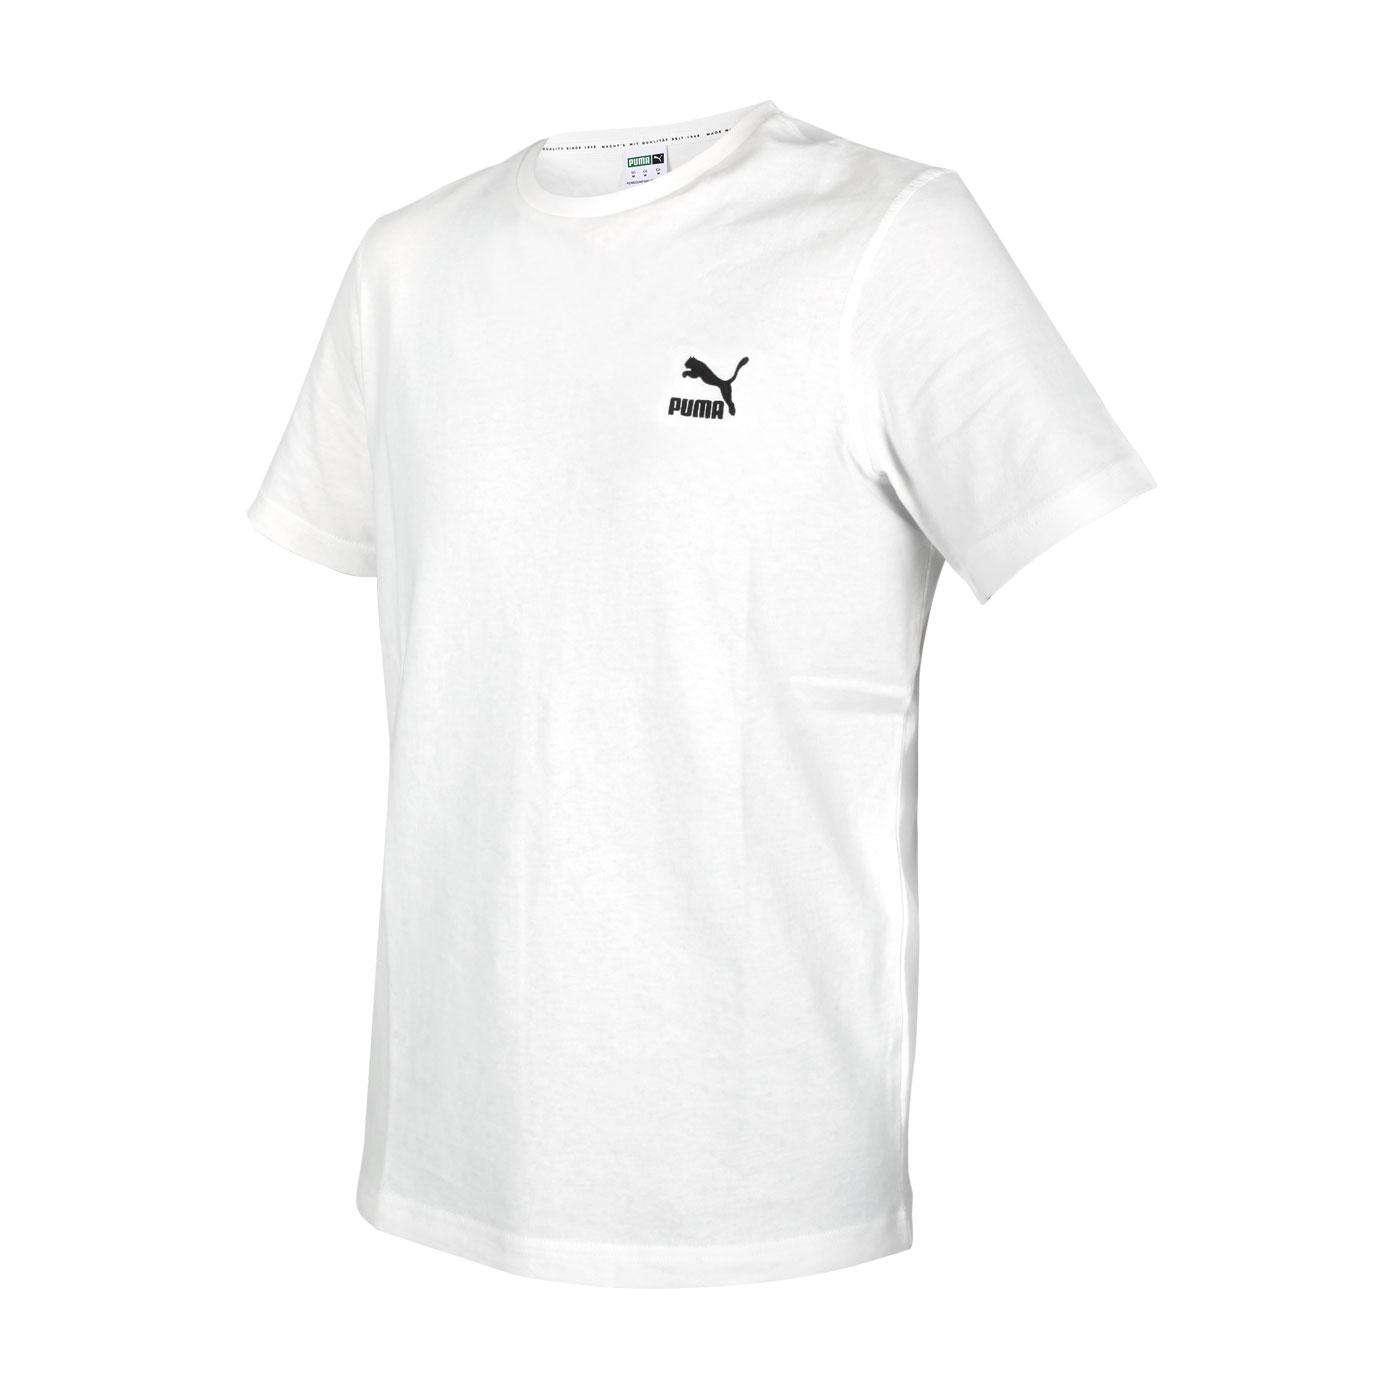 PUMA 男款刺繡短袖T恤 59979502